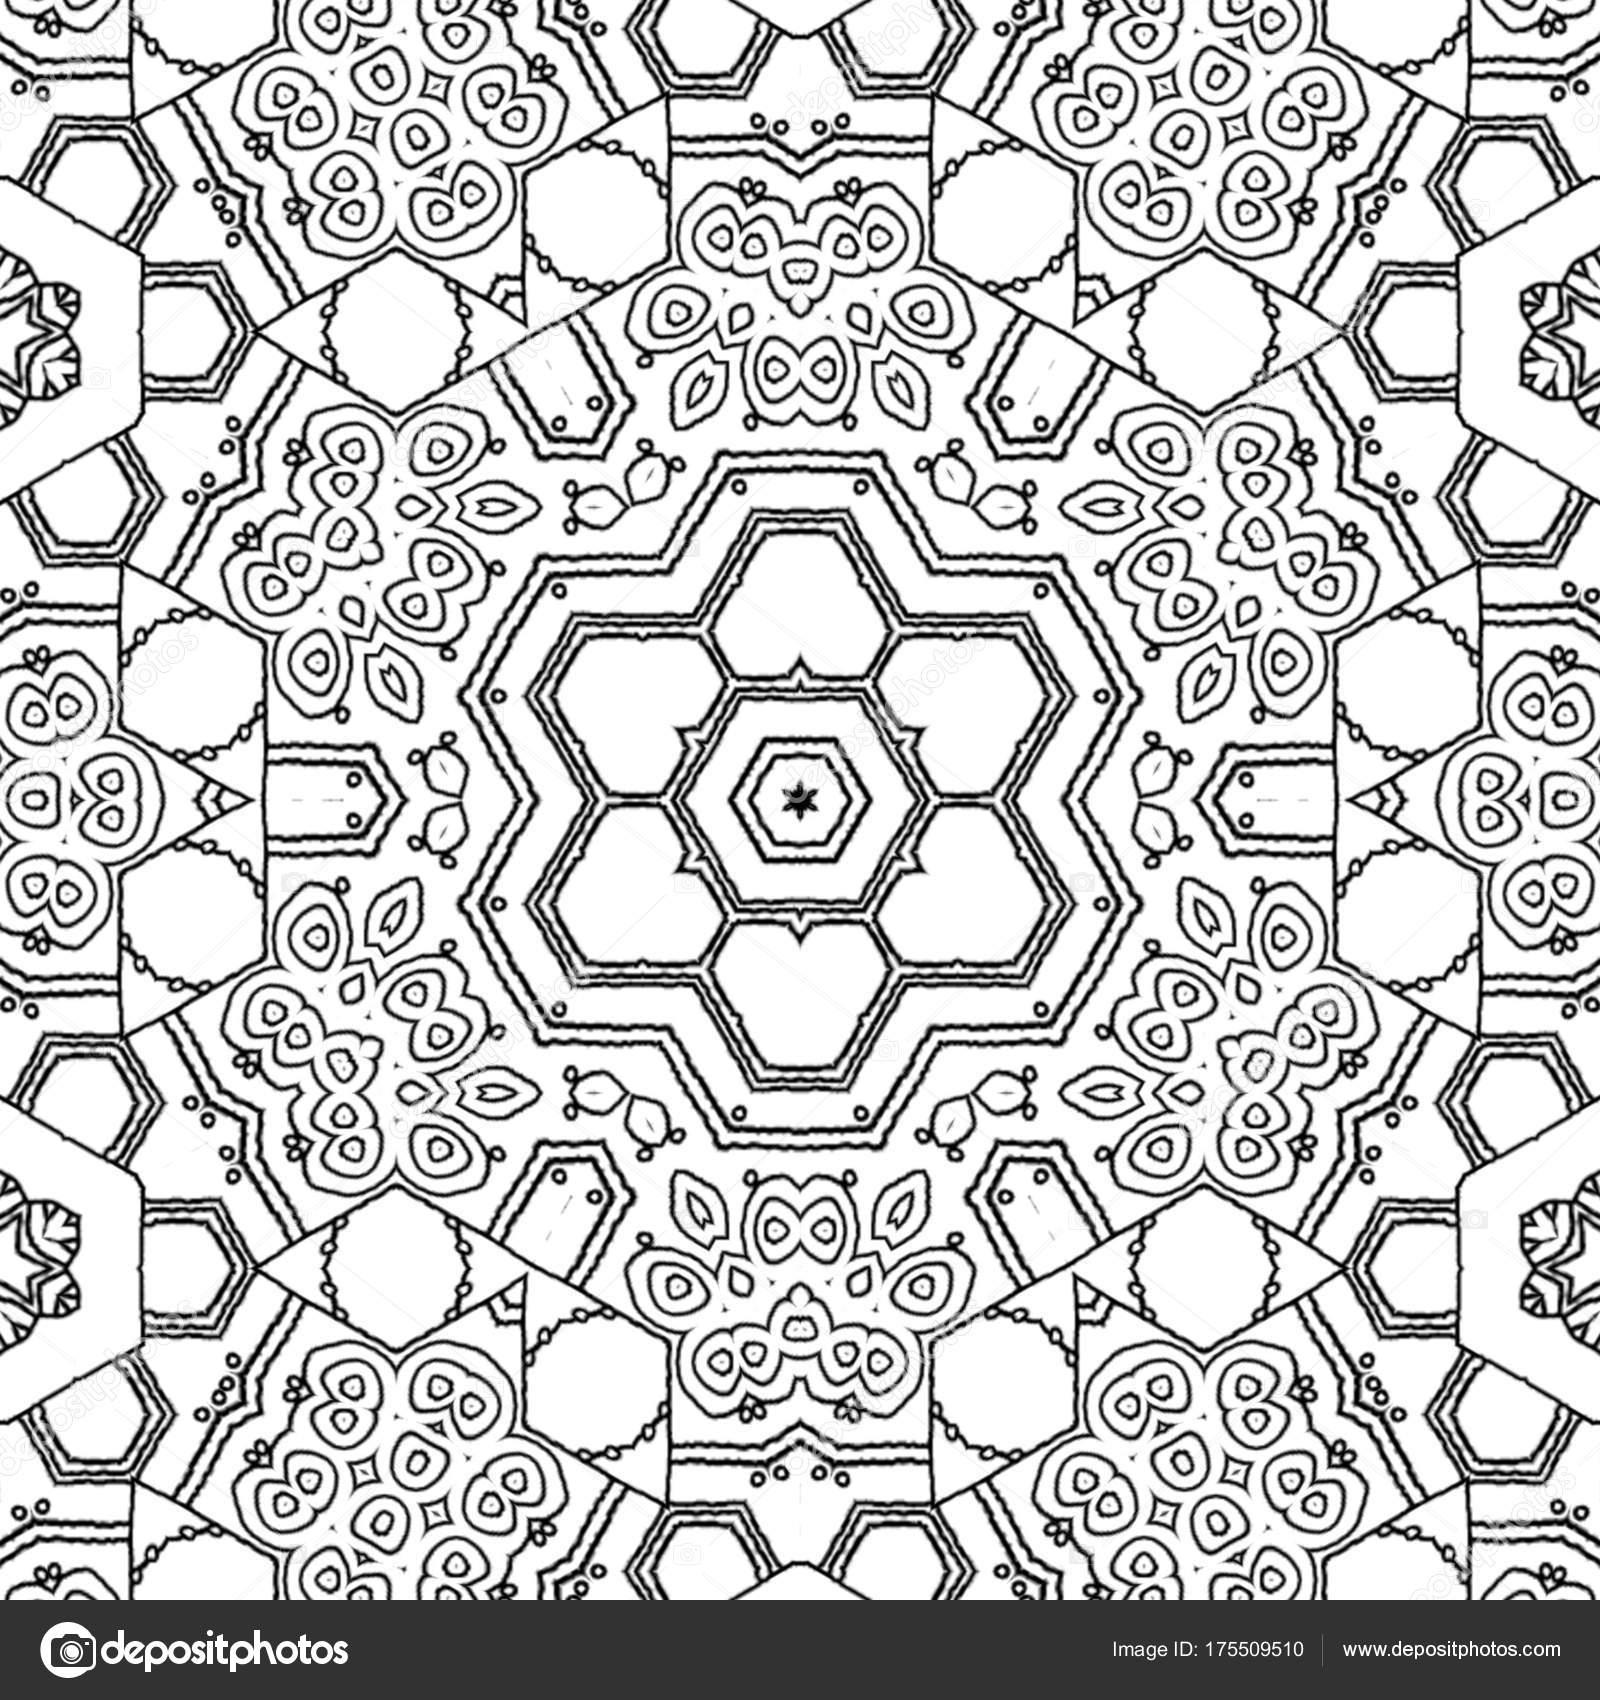 Malvorlagen Zeichnung Abstrakt Monochrome Mandala Sechseck Ornament ...